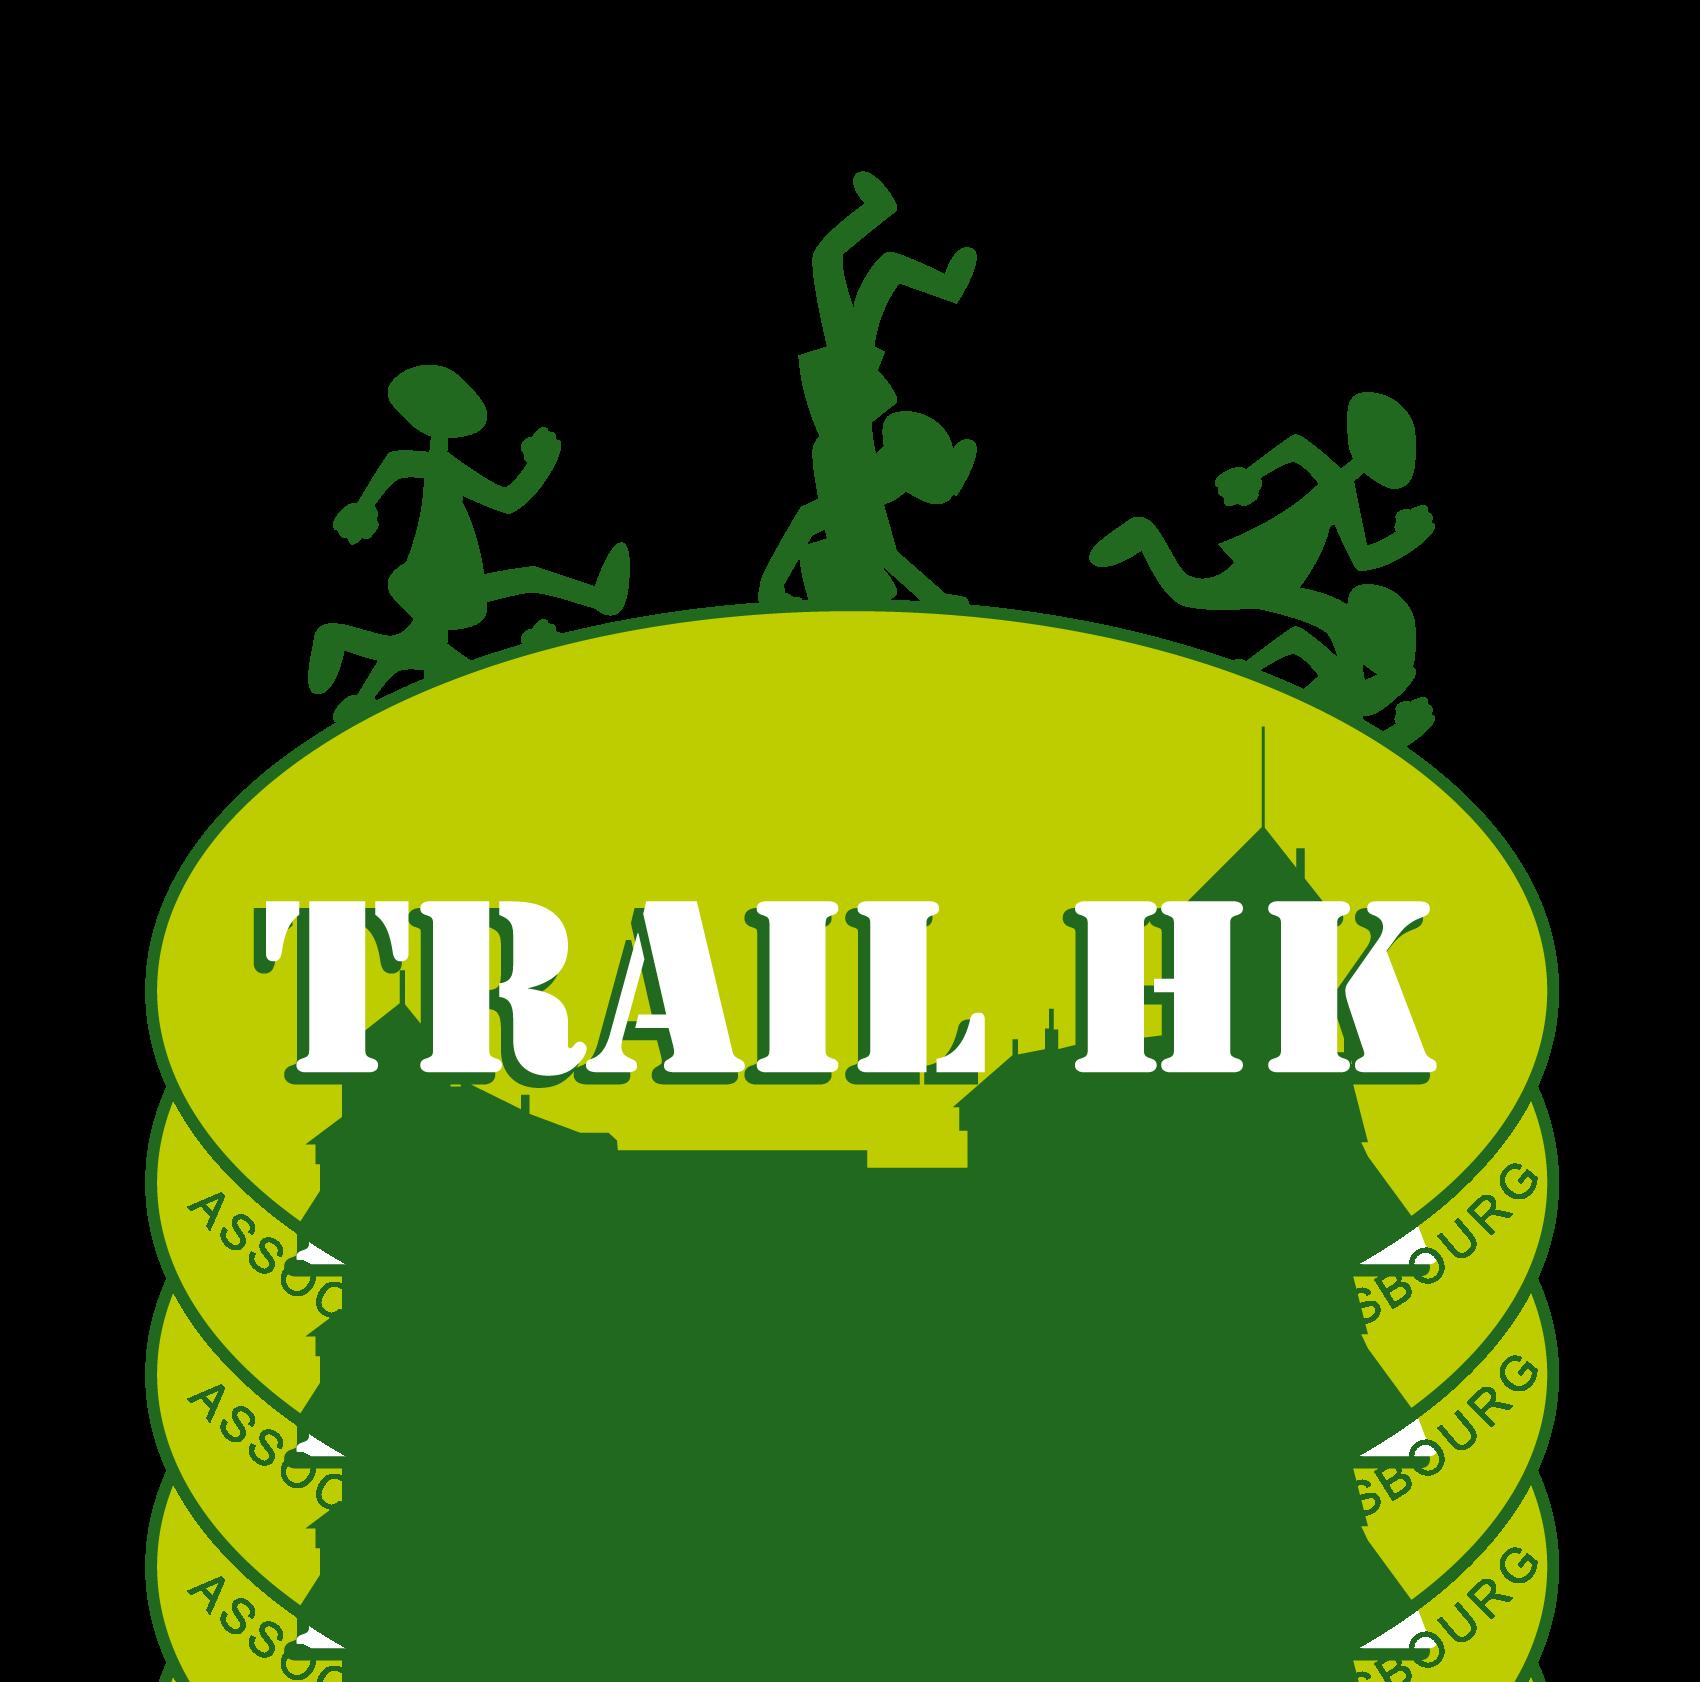 Trail du Haut Koenigsbourg